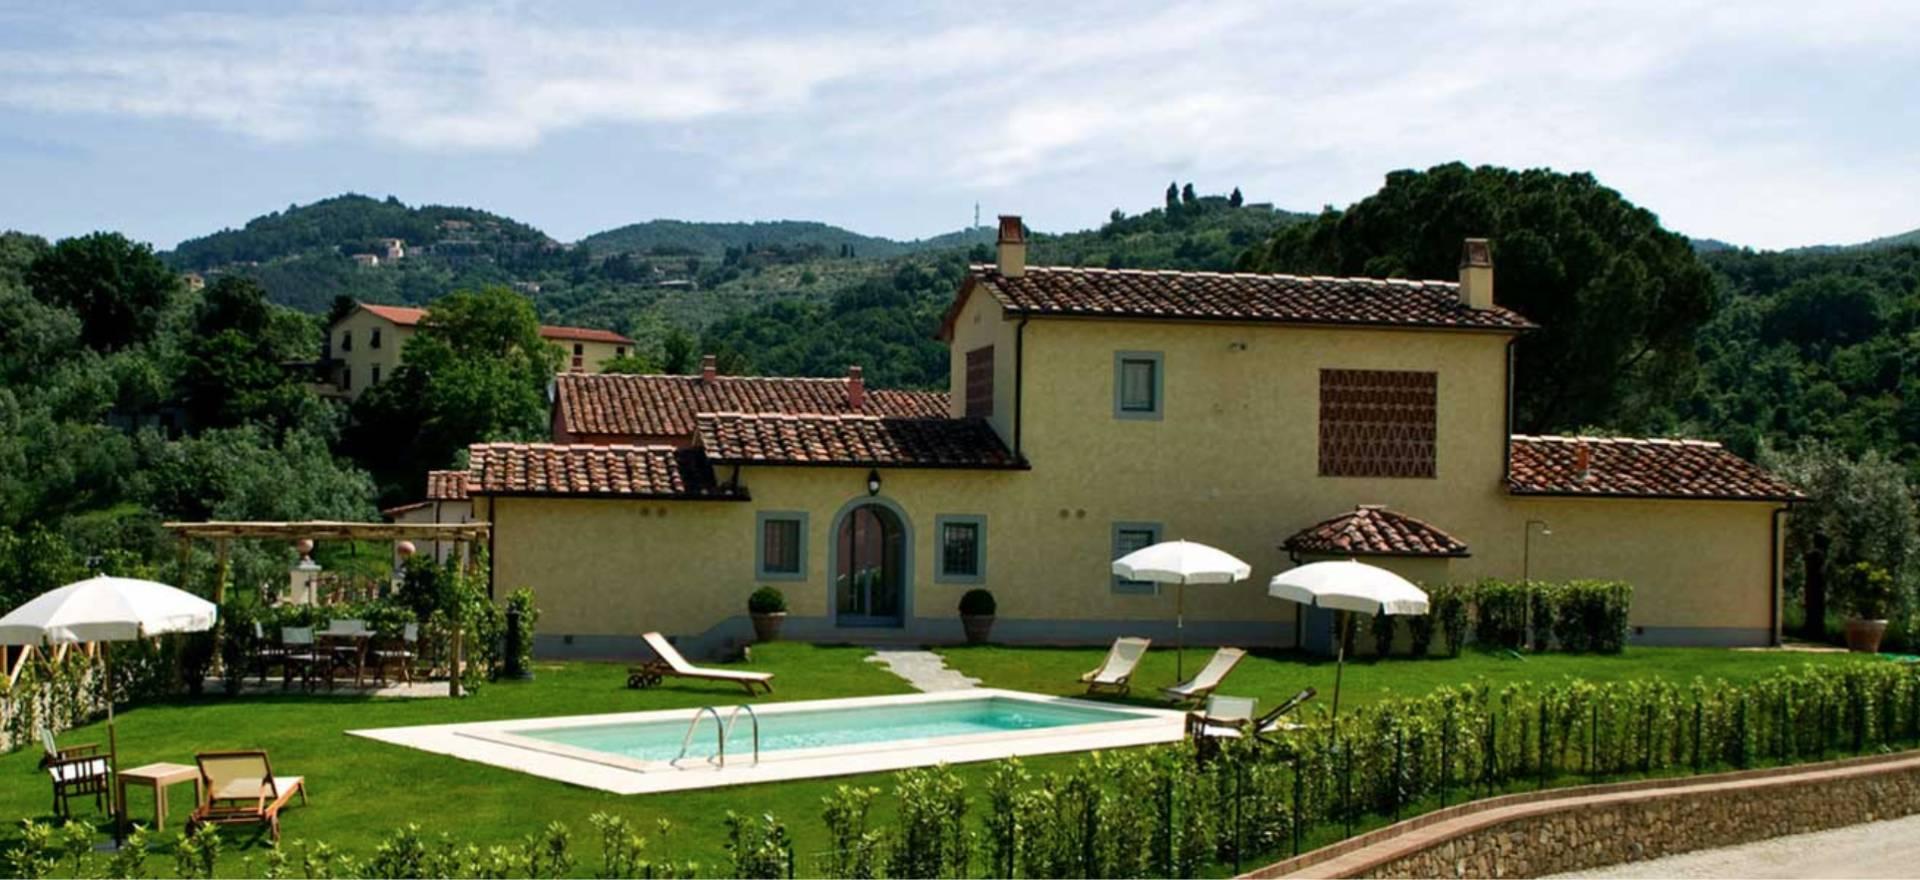 Agriturismo Tuscany Perfect child friendly agriturismo Tuscany